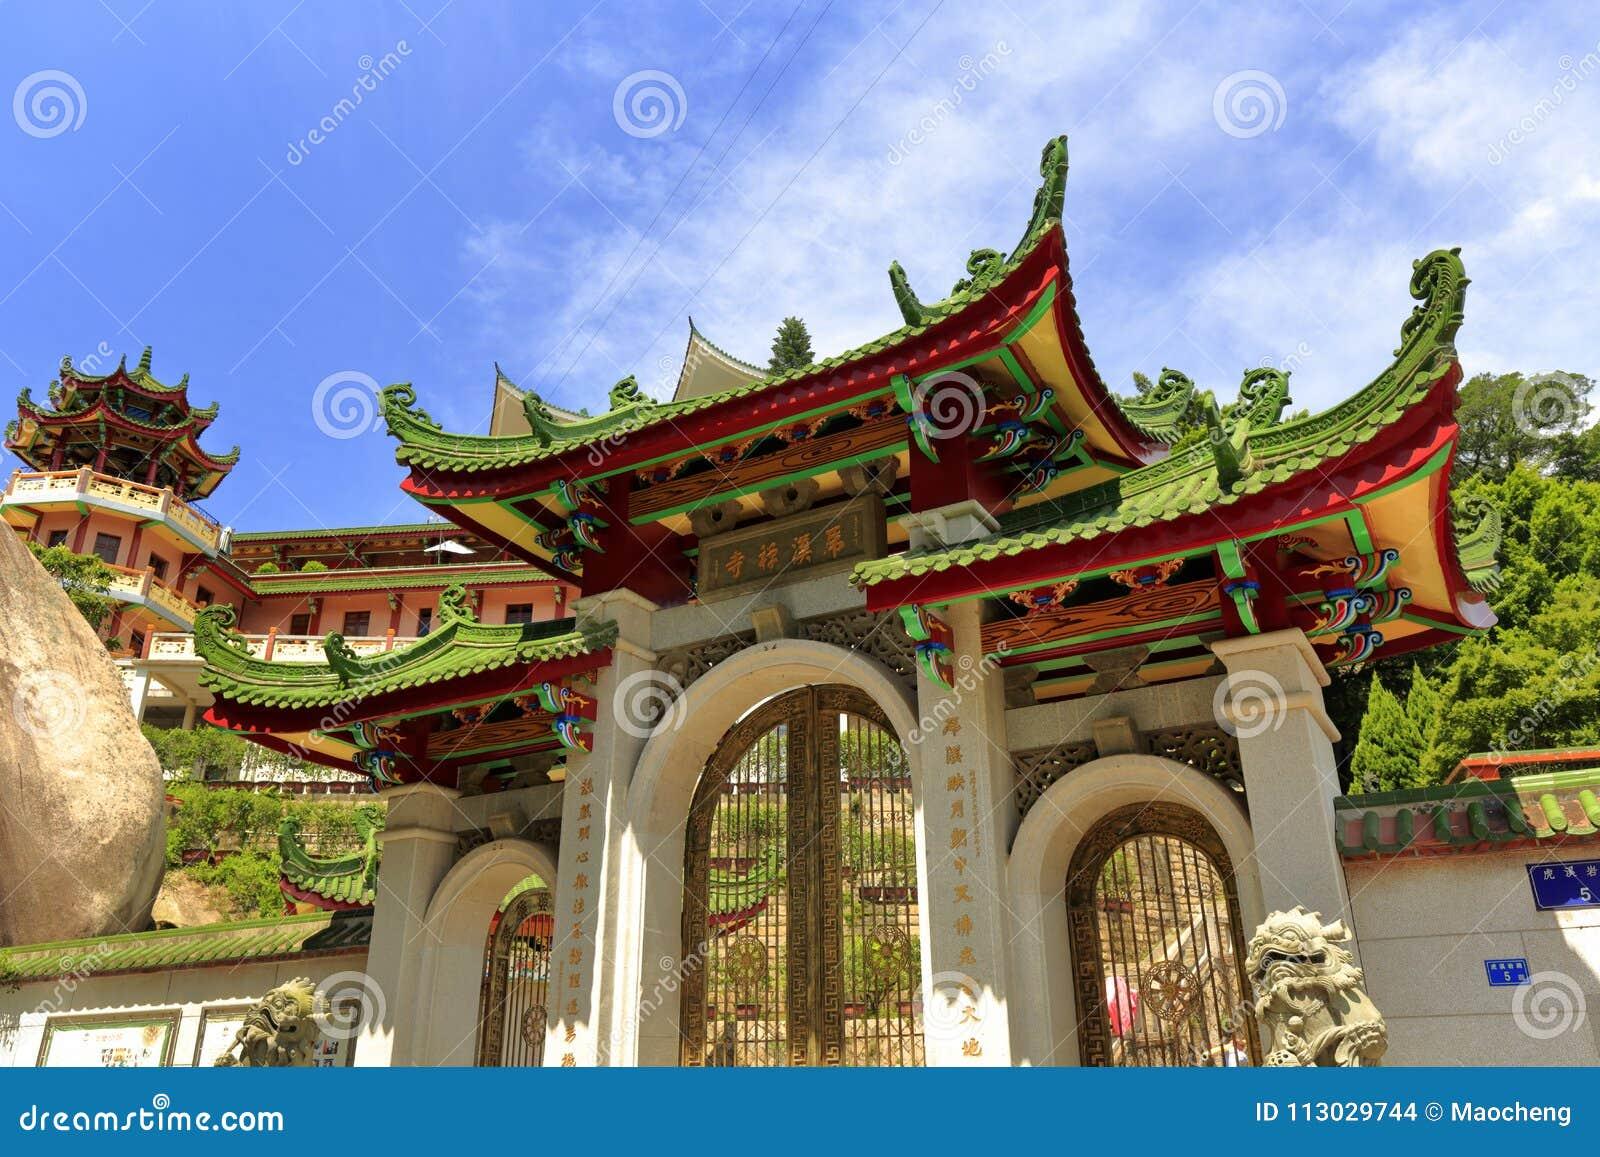 La entrada principal del templo huxiyan, adobe rgb